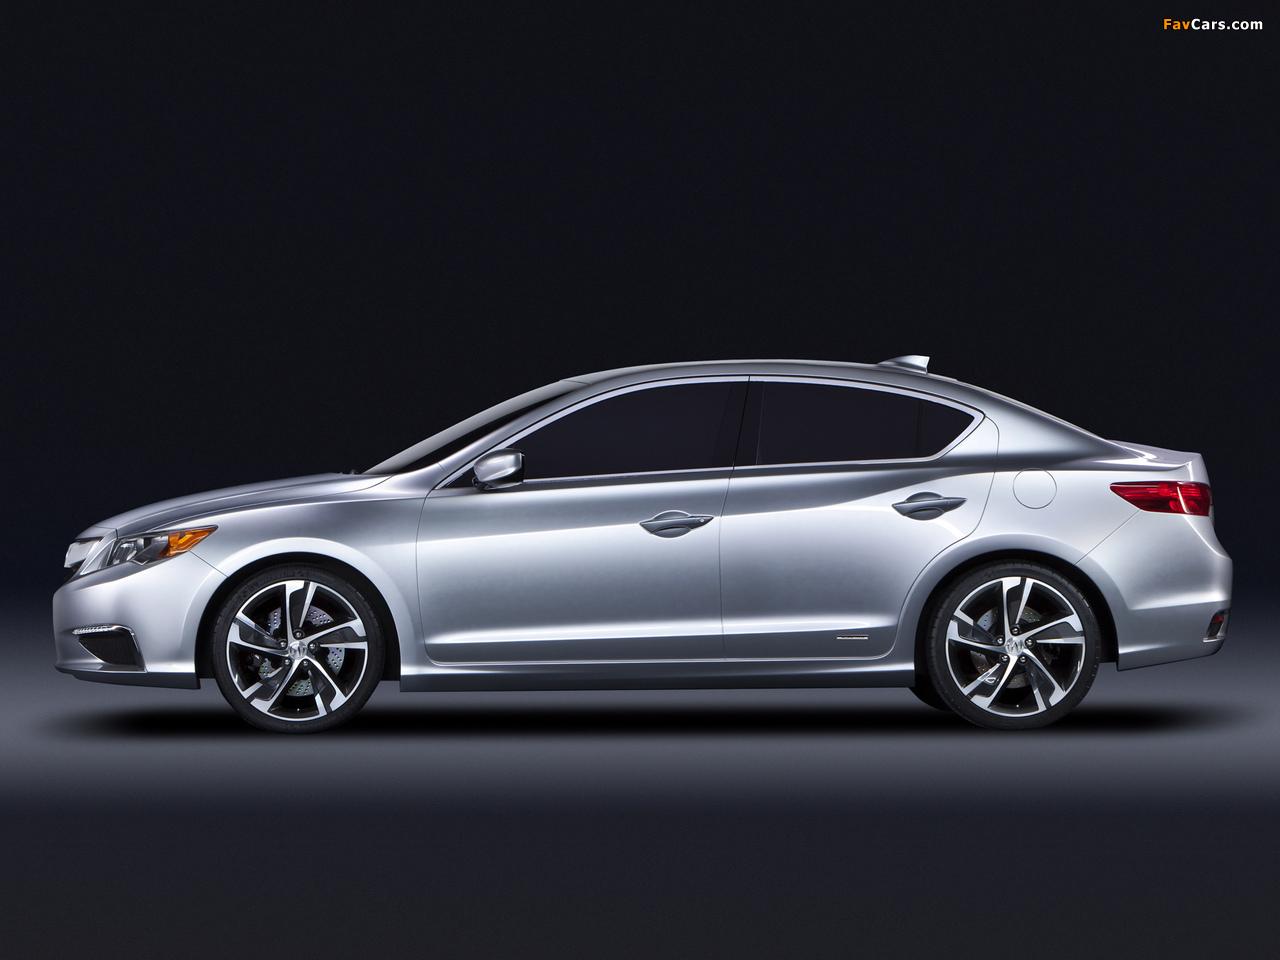 Acura ILX Concept (2012) photos (1280 x 960)